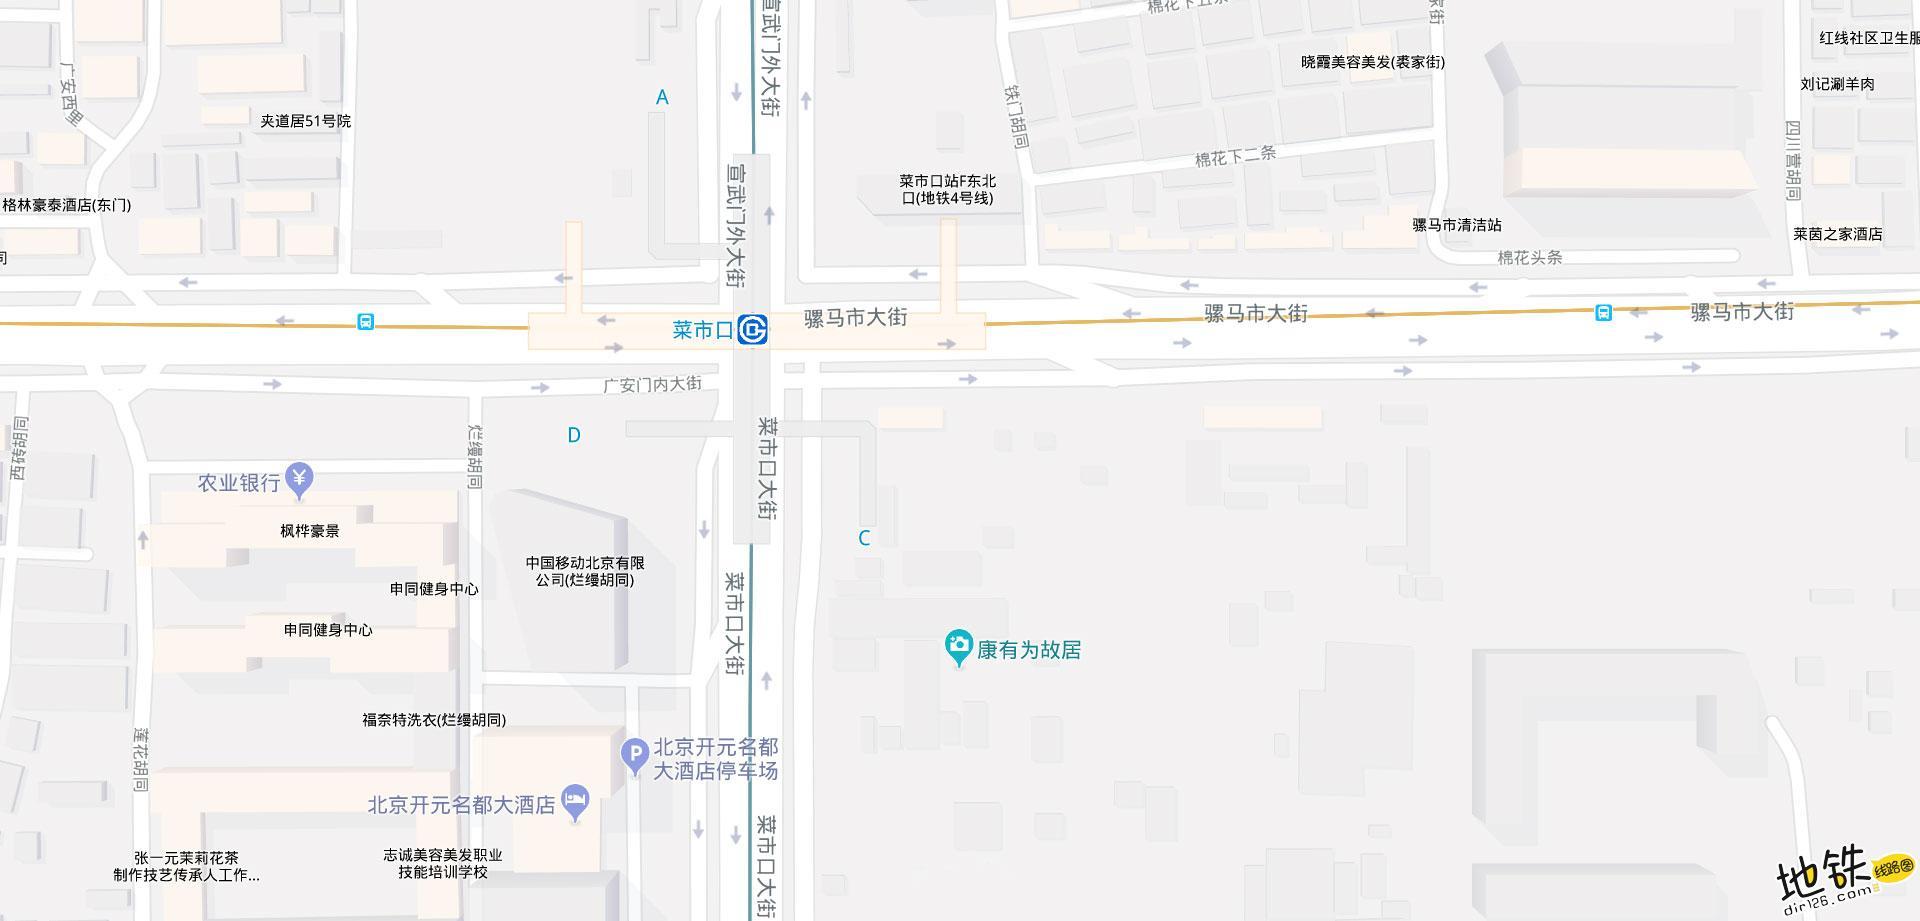 菜市口地铁站 北京地铁菜市口站出入口 地图信息查询  北京地铁站  第2张